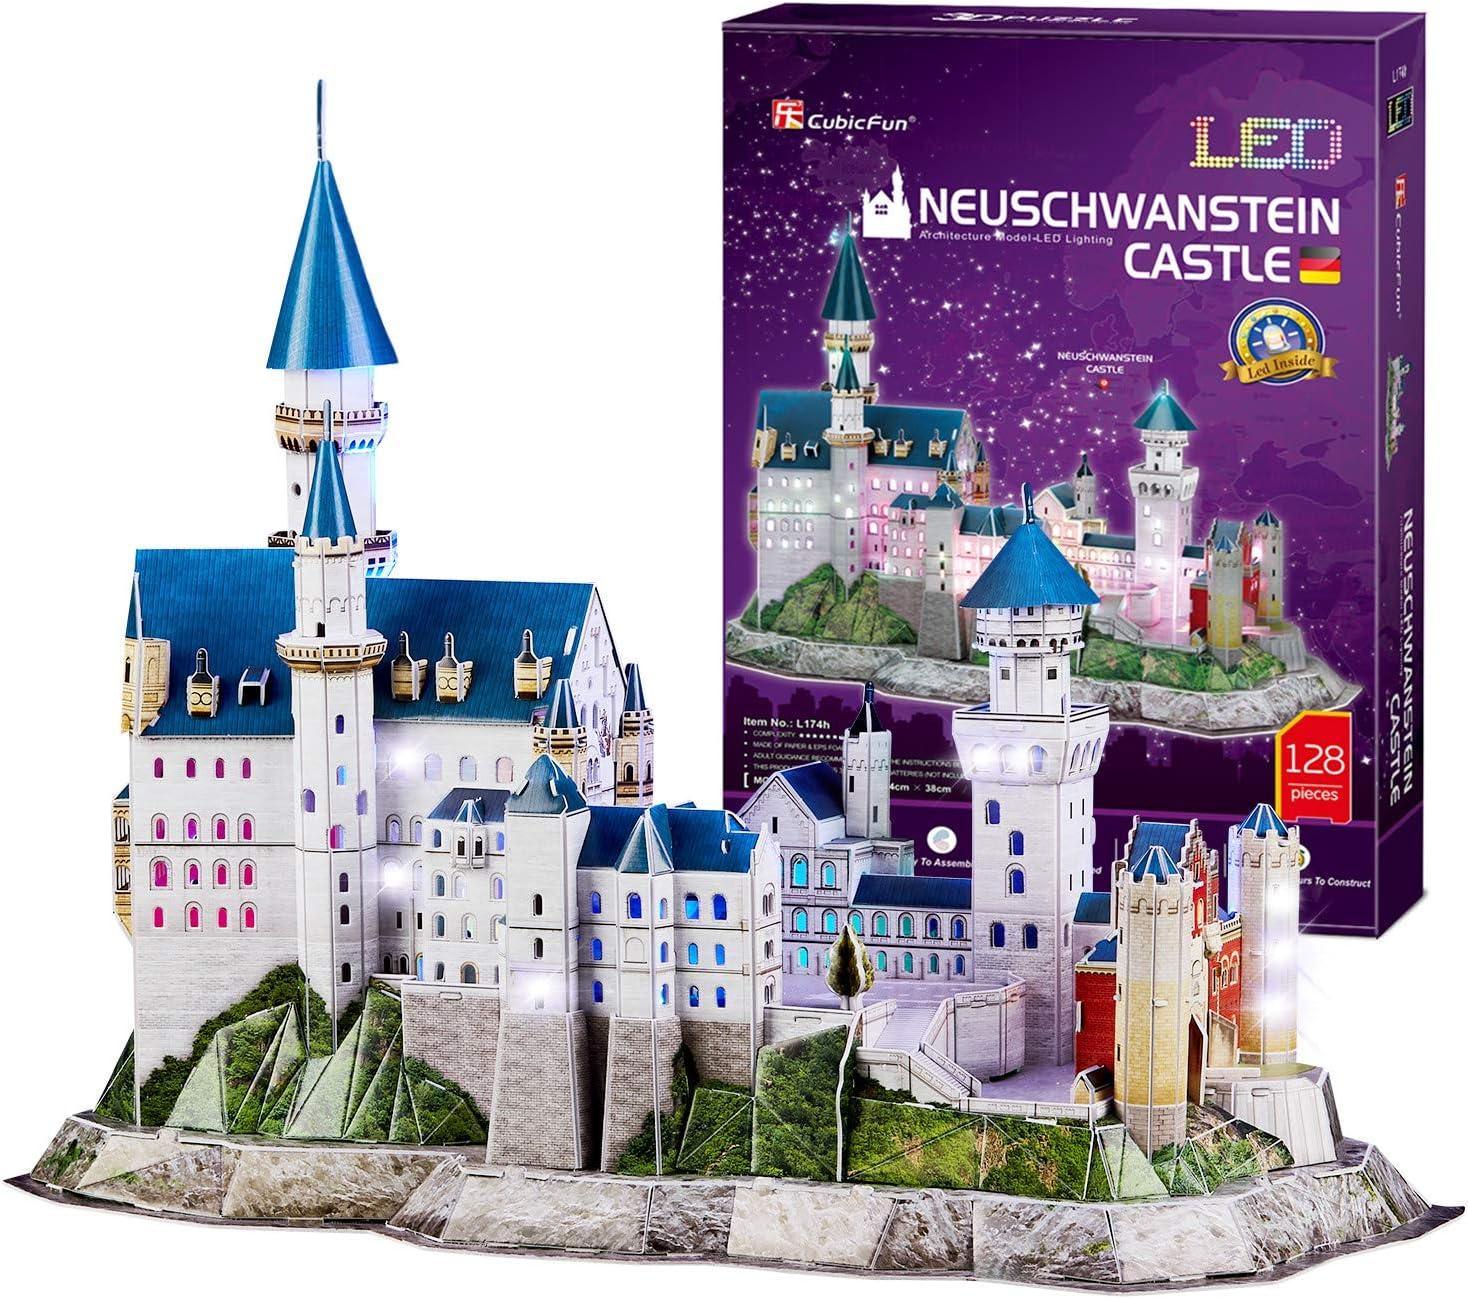 CubicFun Puzzle 3D LED Castillo de Neuschwanstein Alemania Arquitectura Famosa Kits de Edificio Modelo, Souvenir Decoración y Regalos para Adultos y Niños, 128 Piezas